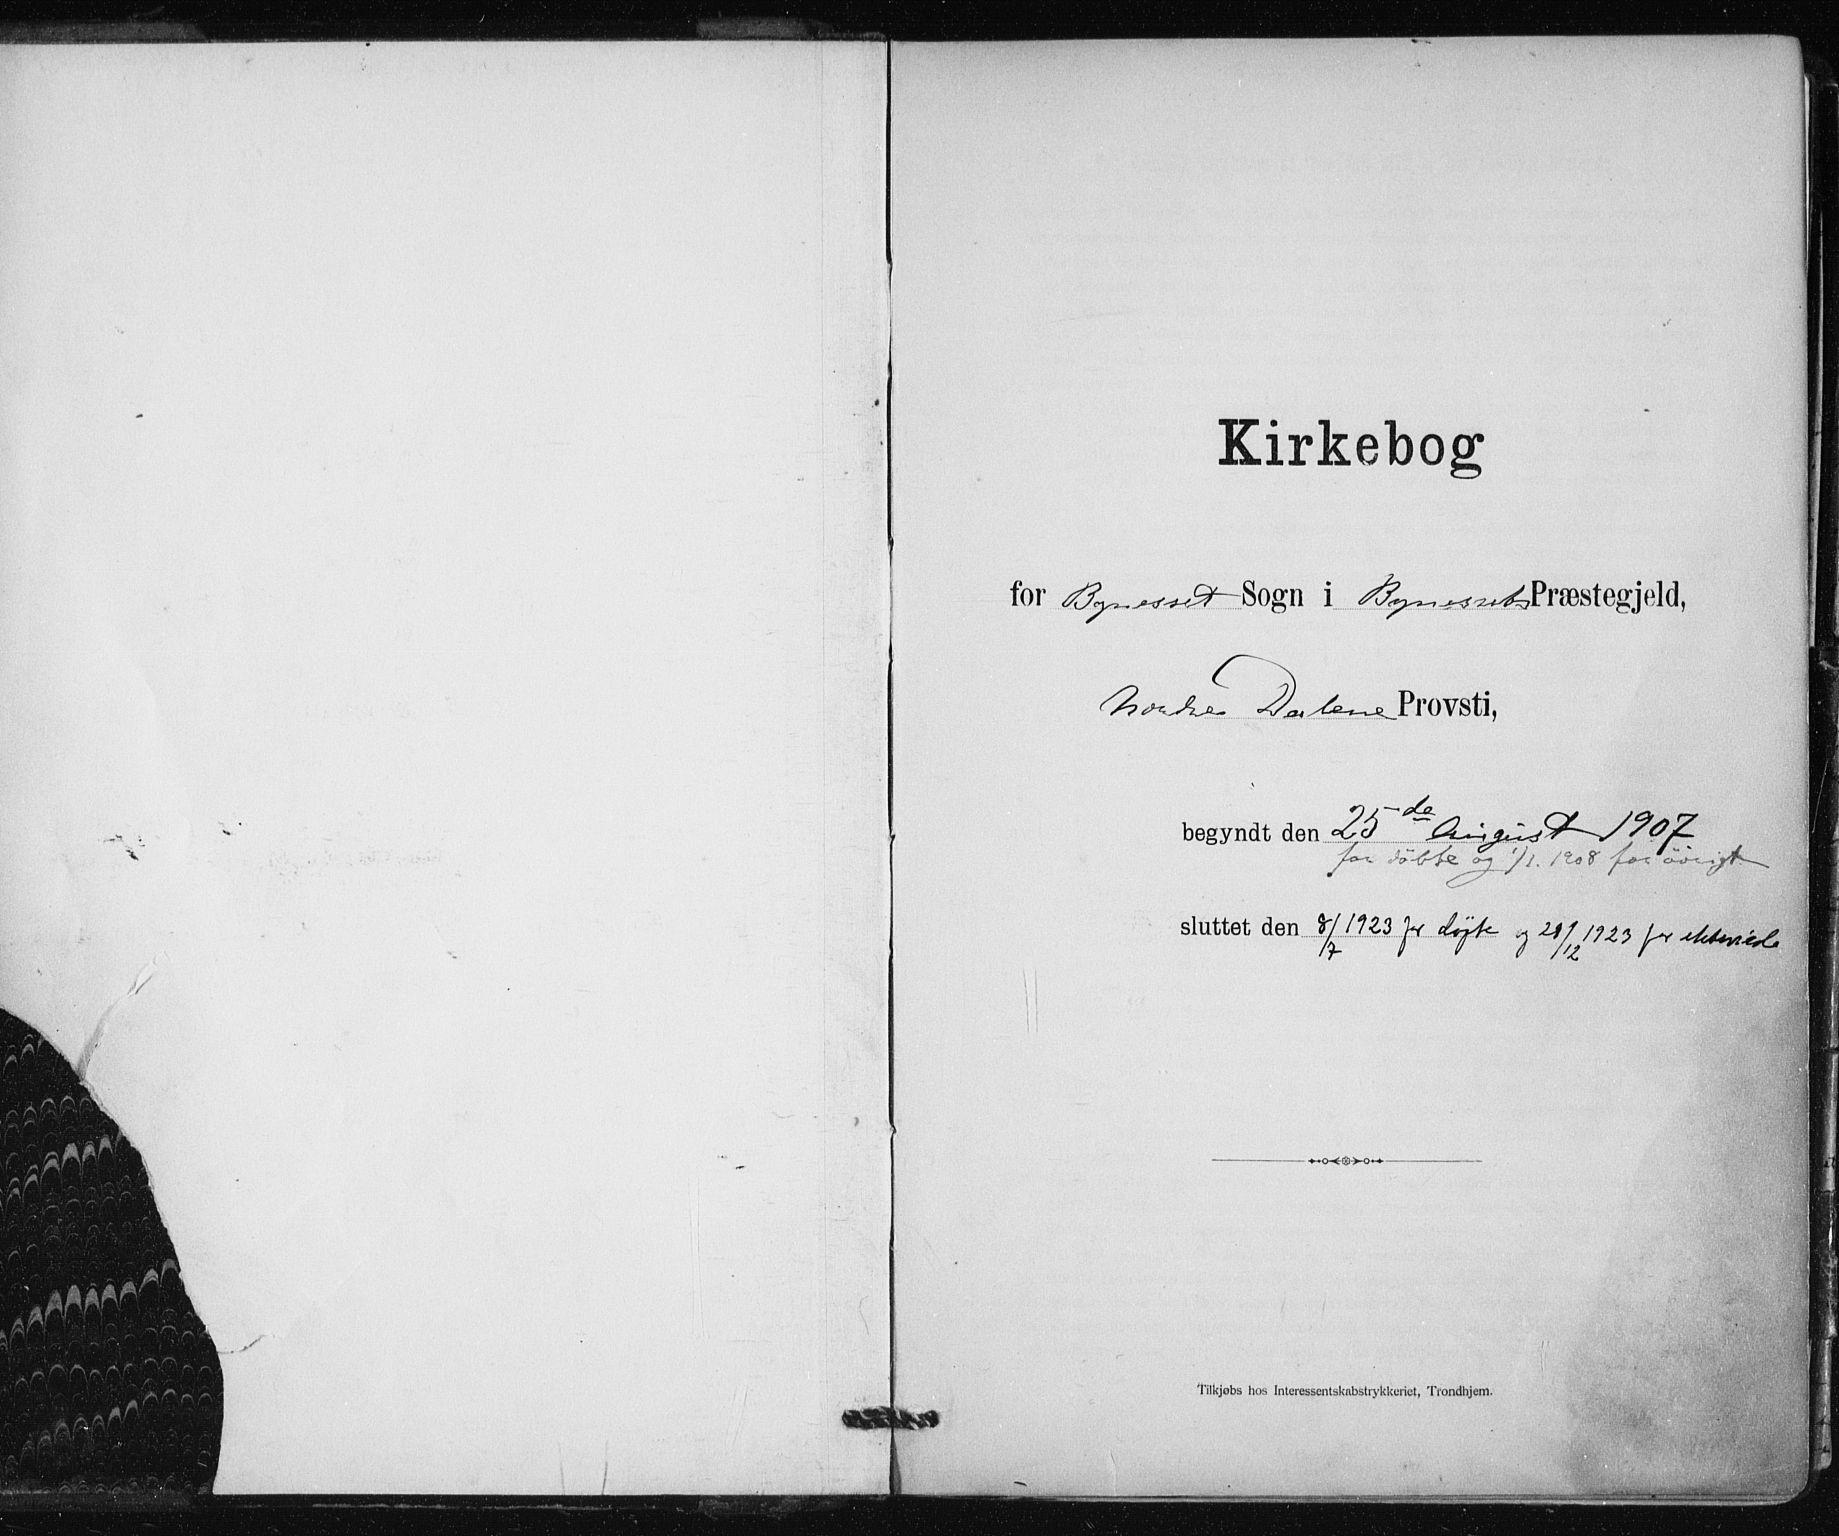 SAT, Ministerialprotokoller, klokkerbøker og fødselsregistre - Sør-Trøndelag, 612/L0381: Ministerialbok nr. 612A13, 1907-1923